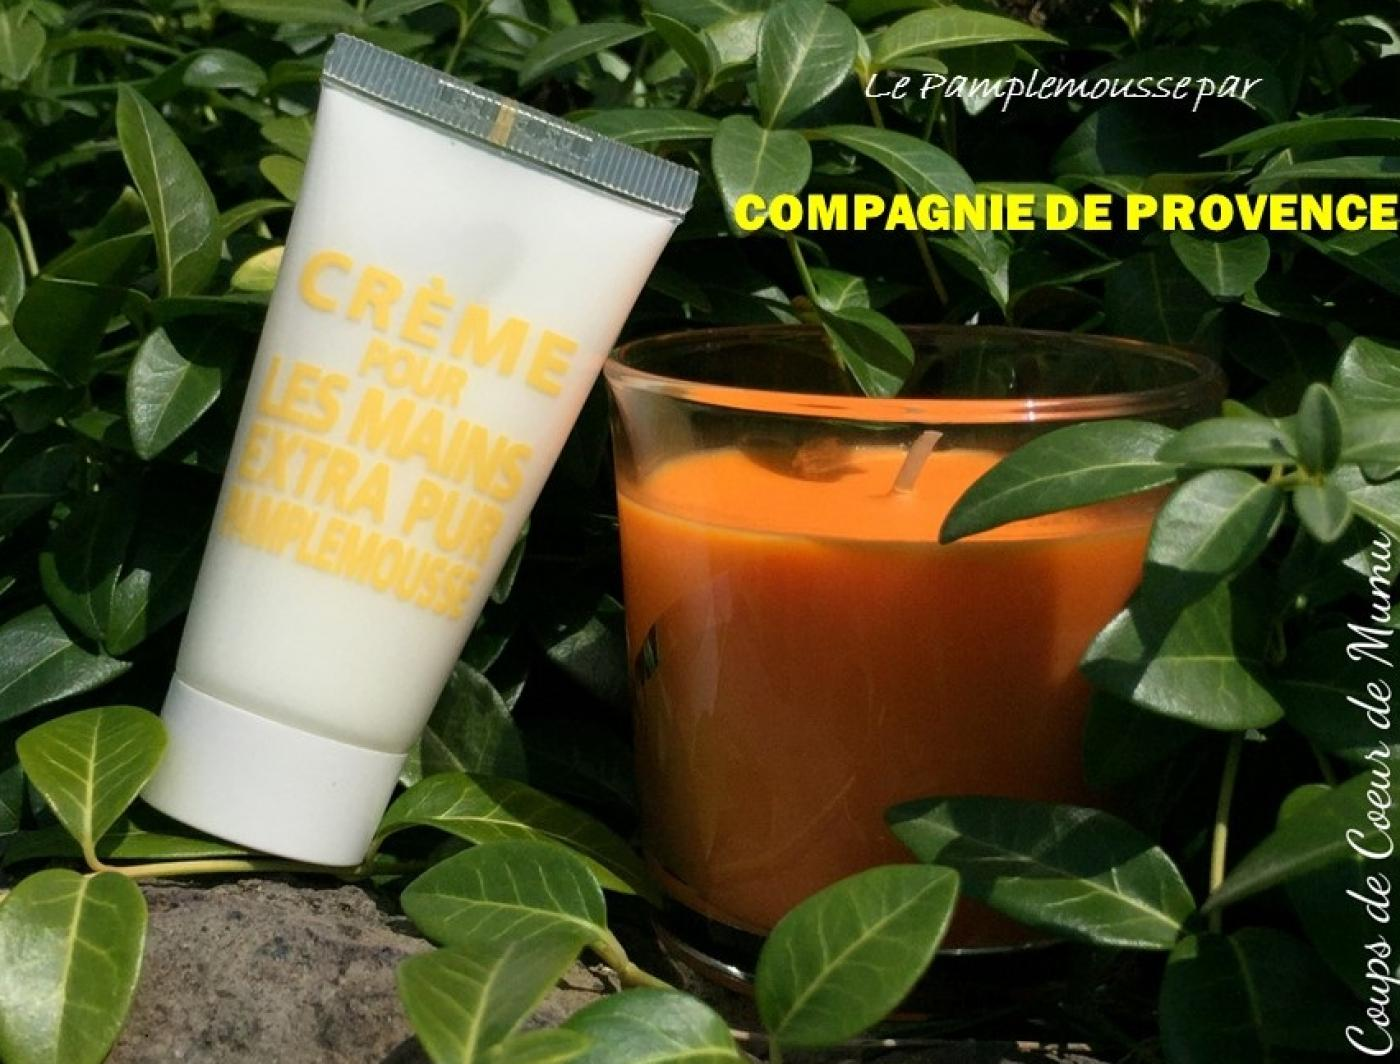 J'ai testé pour vous la Crème pour les Mains au Pamplemousse de COMPAGNIE DE PROVENCE